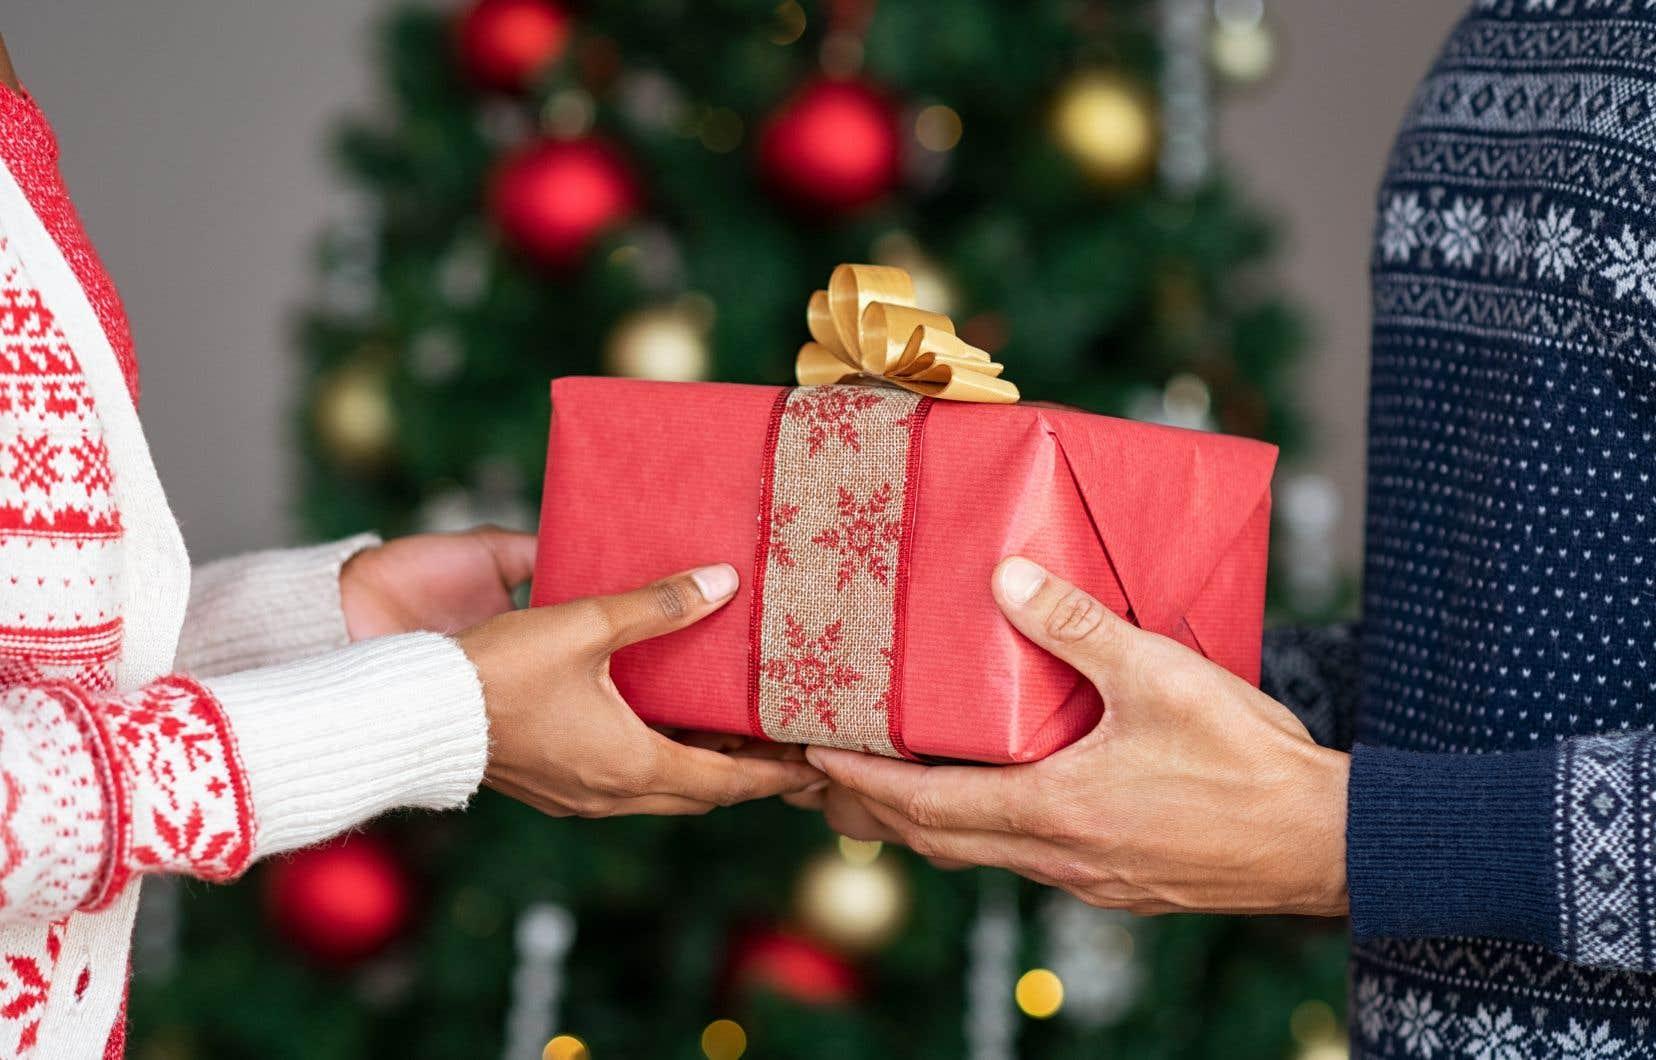 Si les donneurs préfèrent souvent offrir un chandail ou un appareil électronique, par exemple, les receveurs apprécieraient davantage des cadeaux liés au partage.